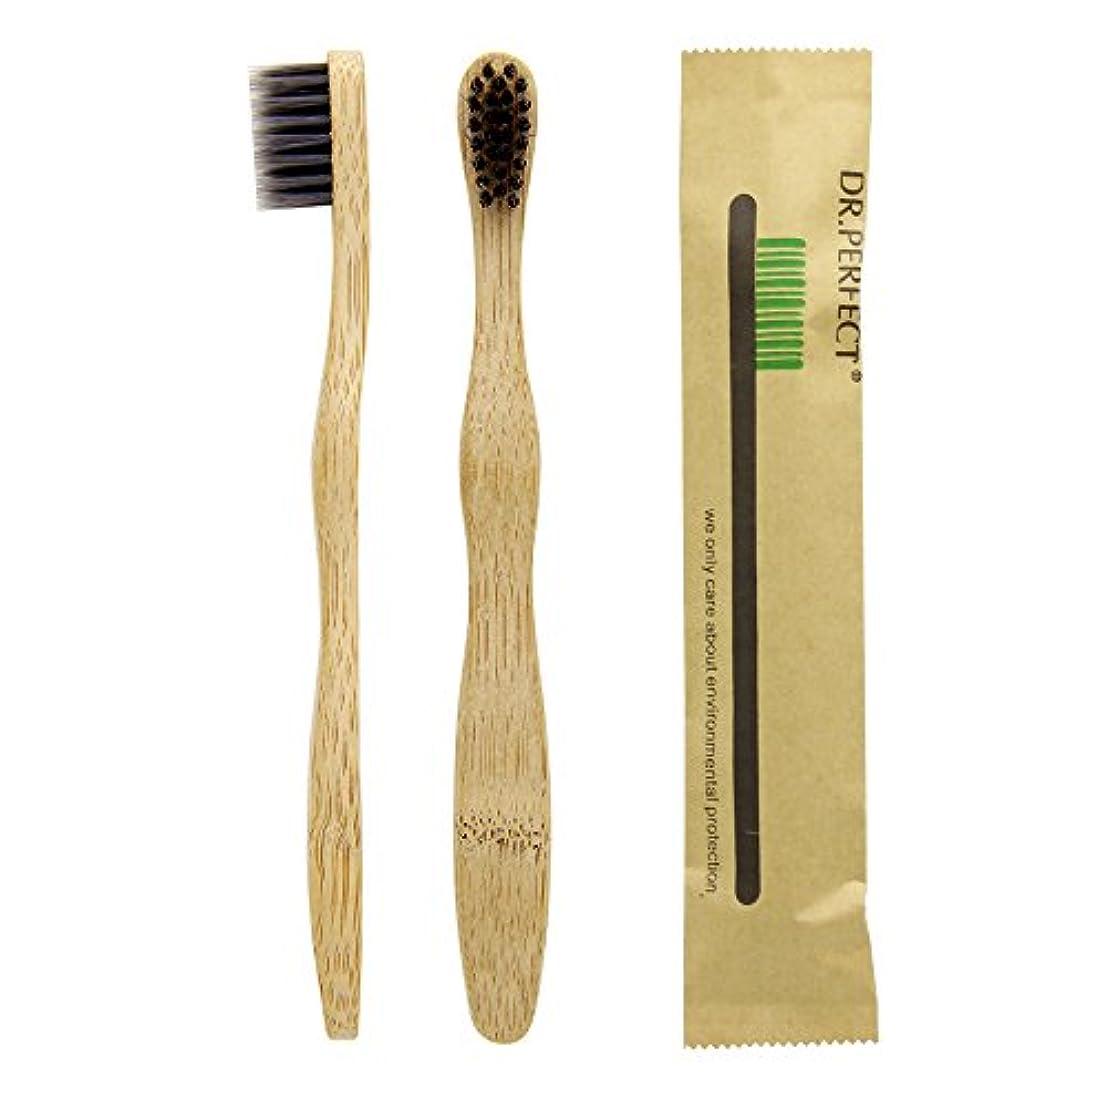 ディベートサドル帳面Dr.Perfect Bamboo チャイルド 竹の歯ブラシ ナイロン毛 生分解性の (ブラック)